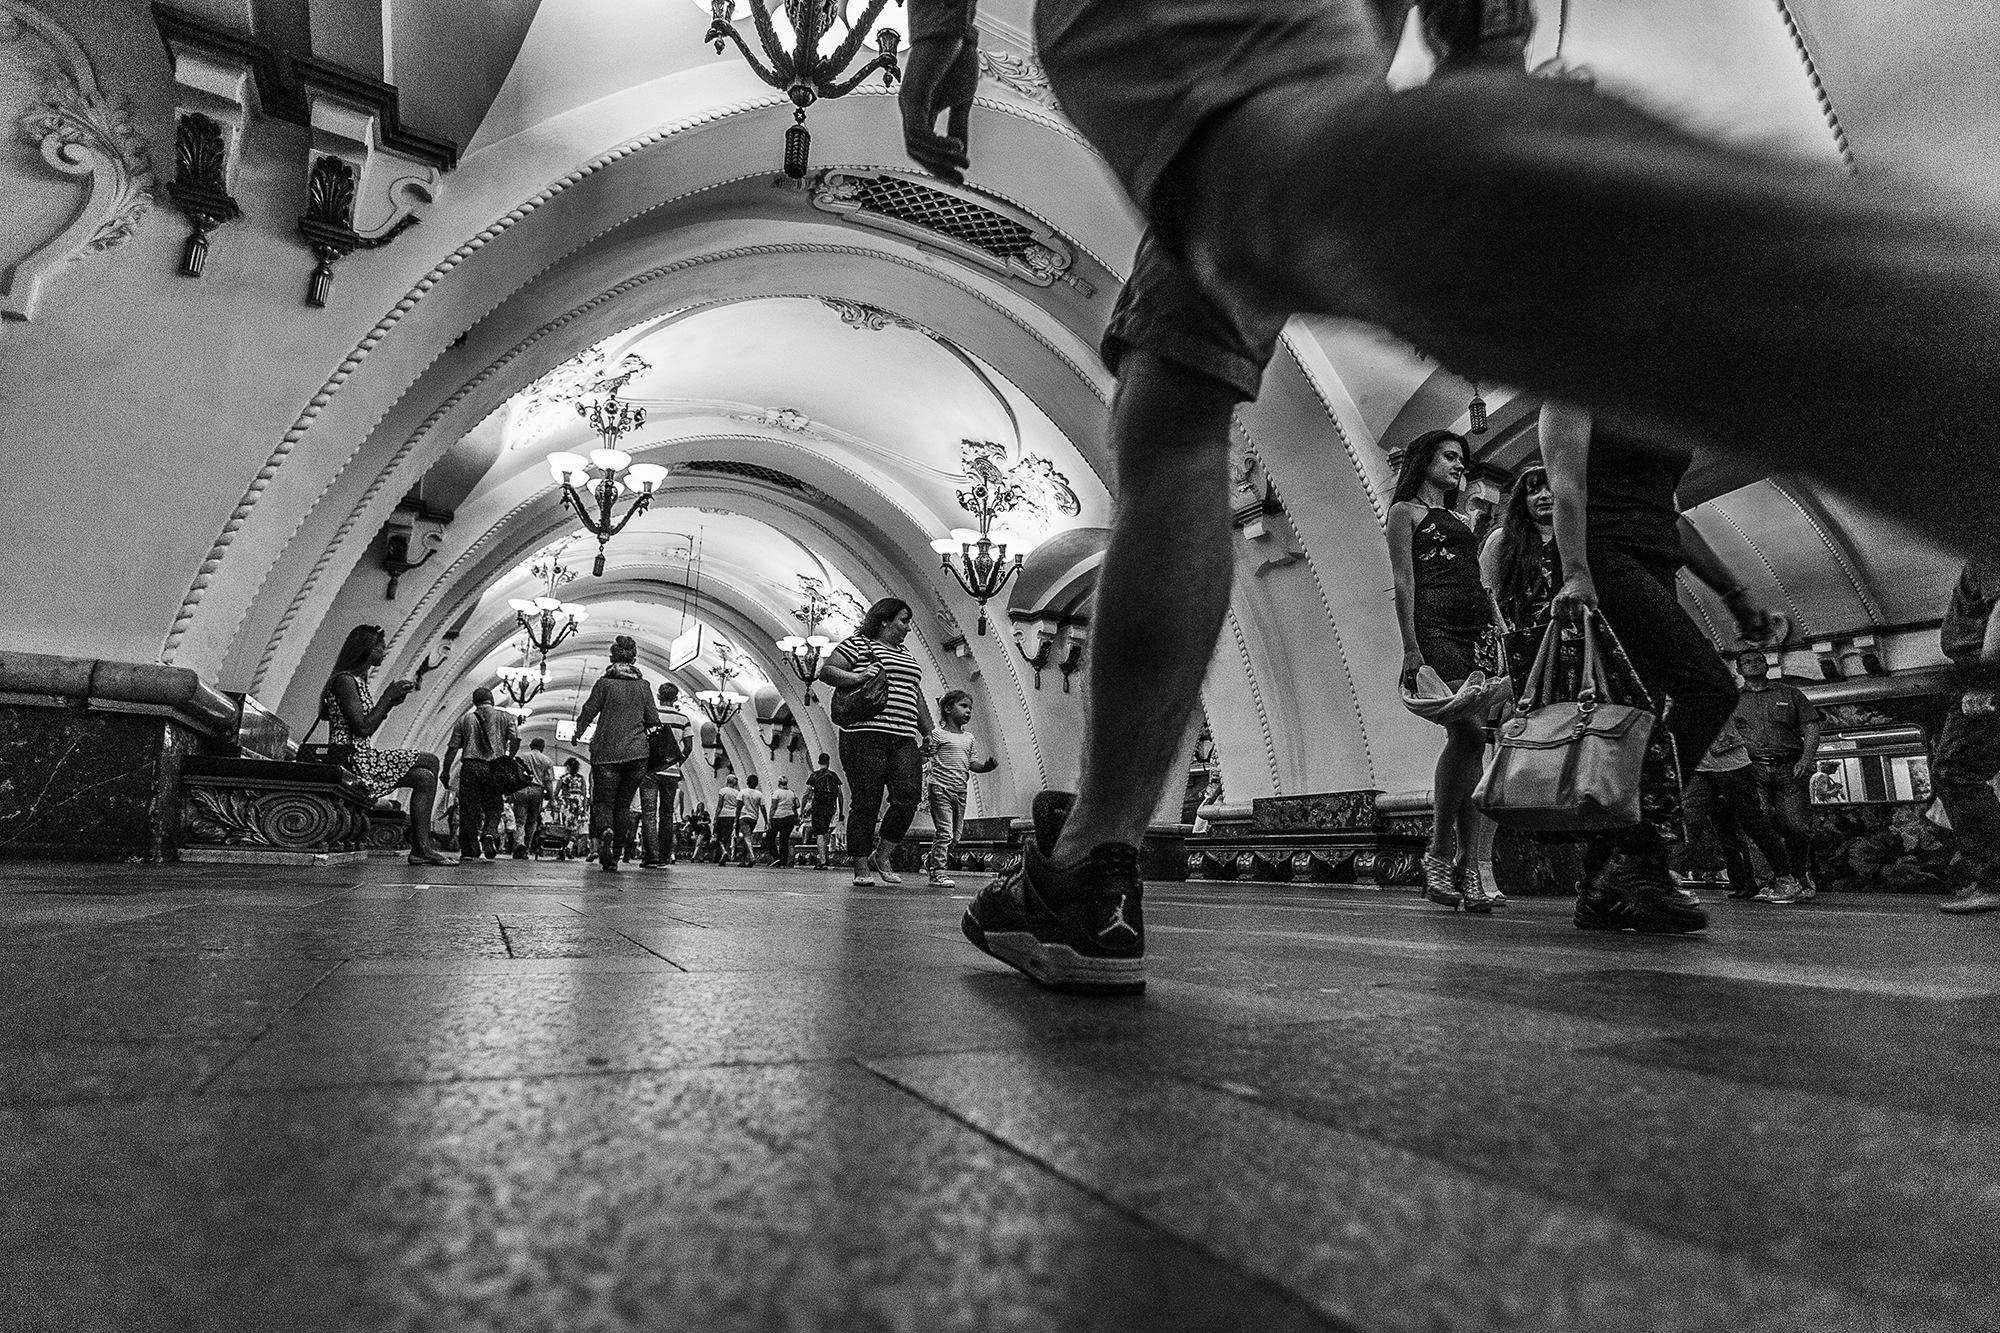 Тороплюсь! by SergeyBelyaev